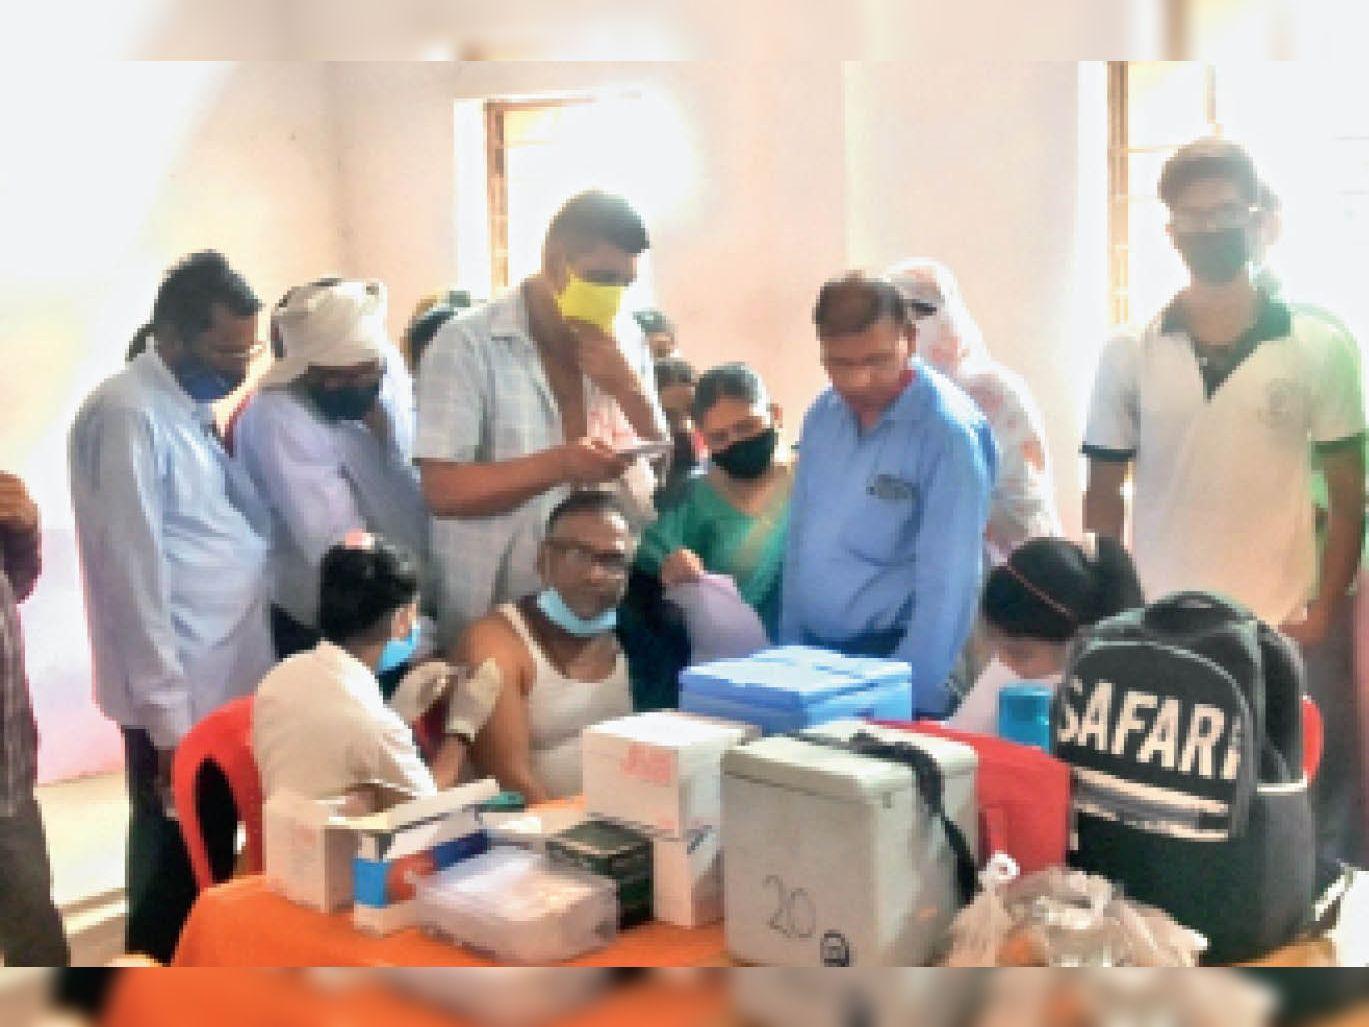 टीकमगढ़| वैक्सीनेशन के लिए तीन दिन पहले तक सेंटर्स पर इस तरह से उमड़ रही थी लोगों की भीड़। - Dainik Bhaskar